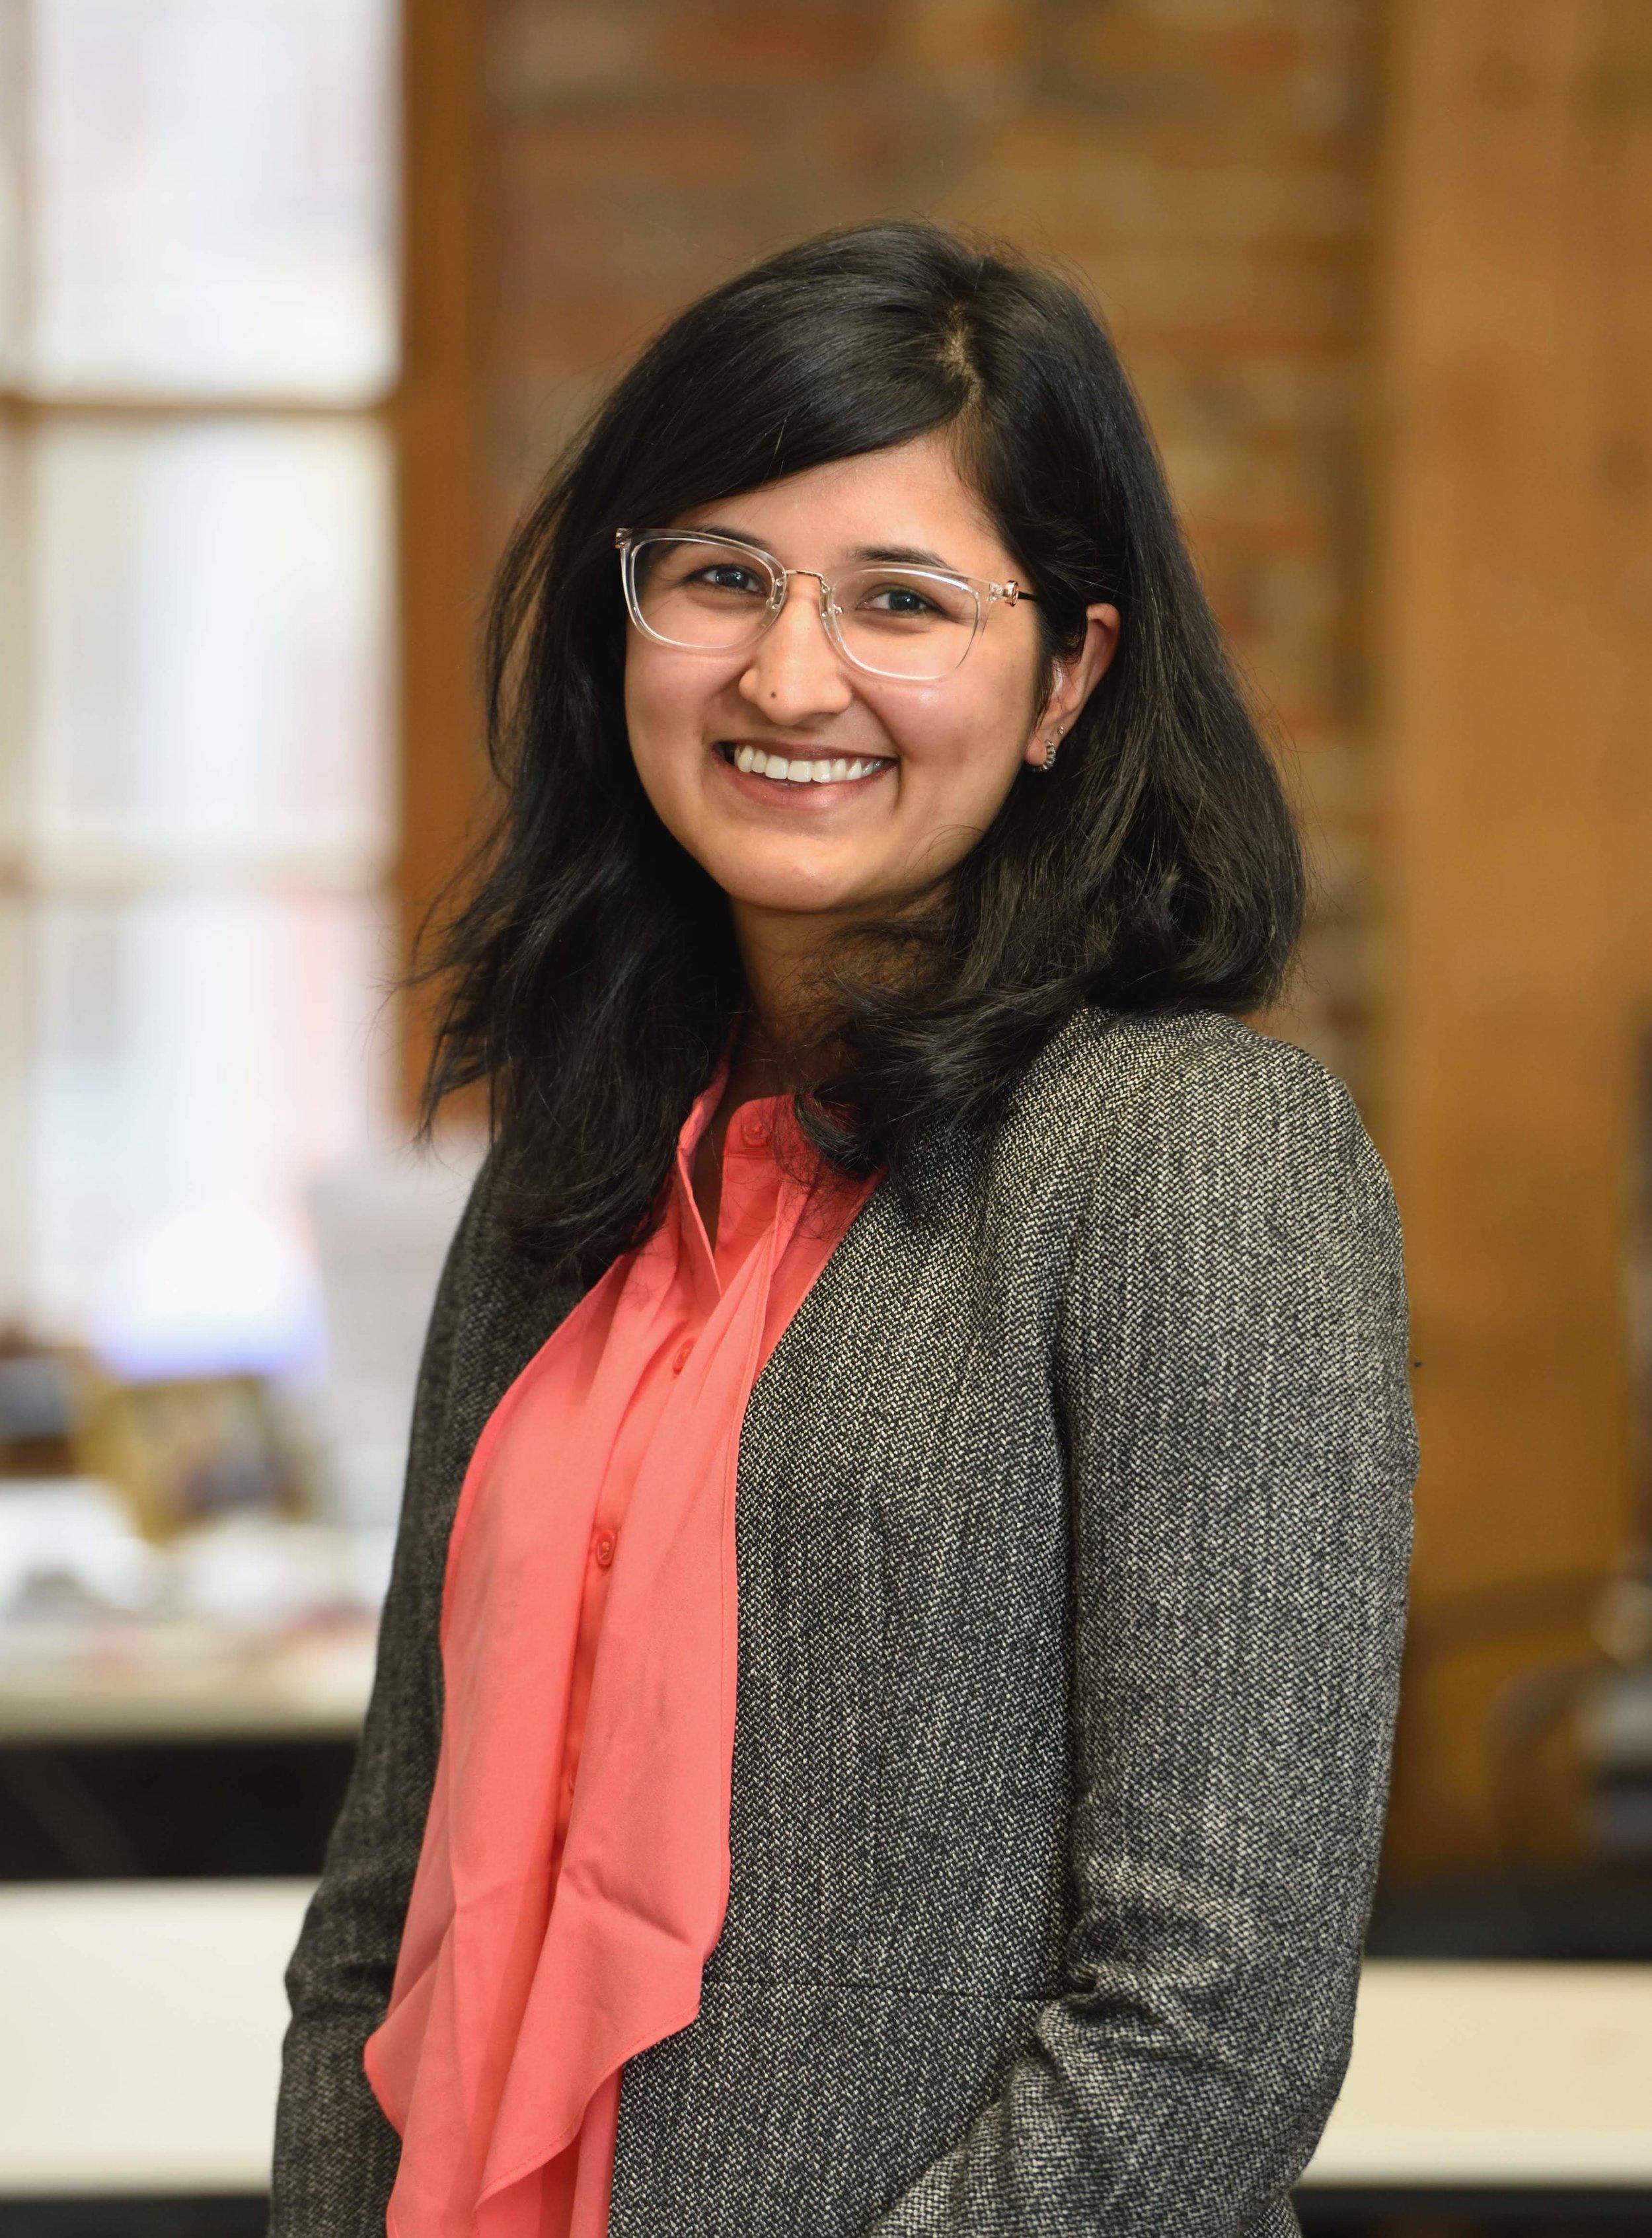 Meena Aier